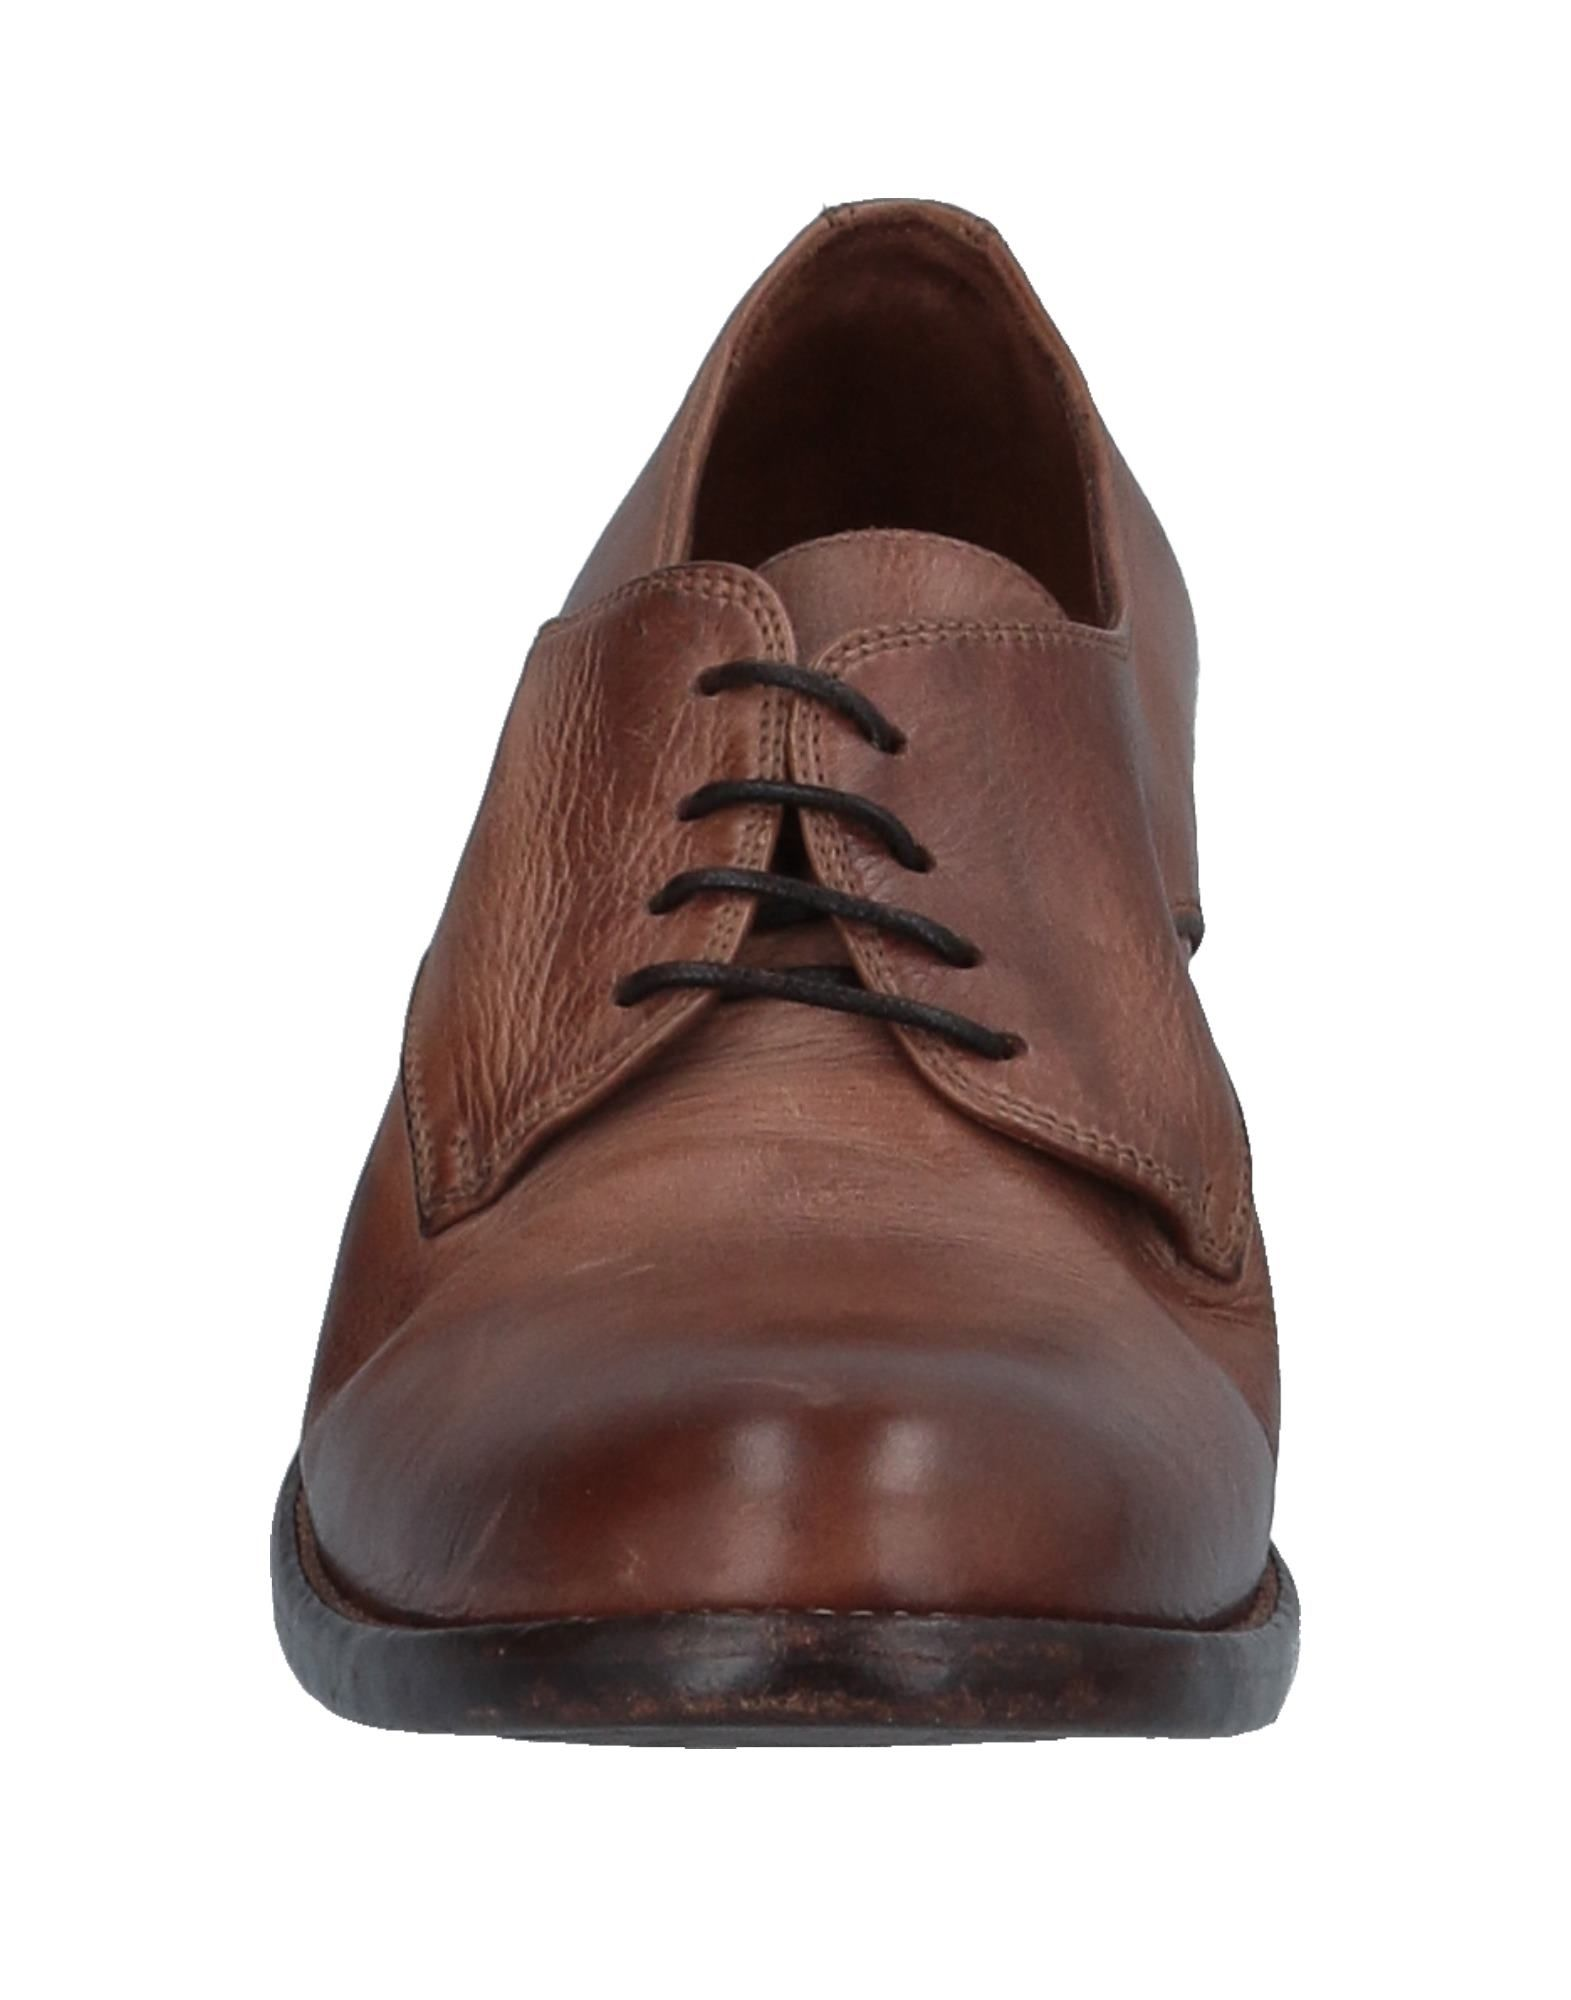 Rabatt  Schuhe Sartore Schnürschuhe Damen  Rabatt 11543281KL 5e296a